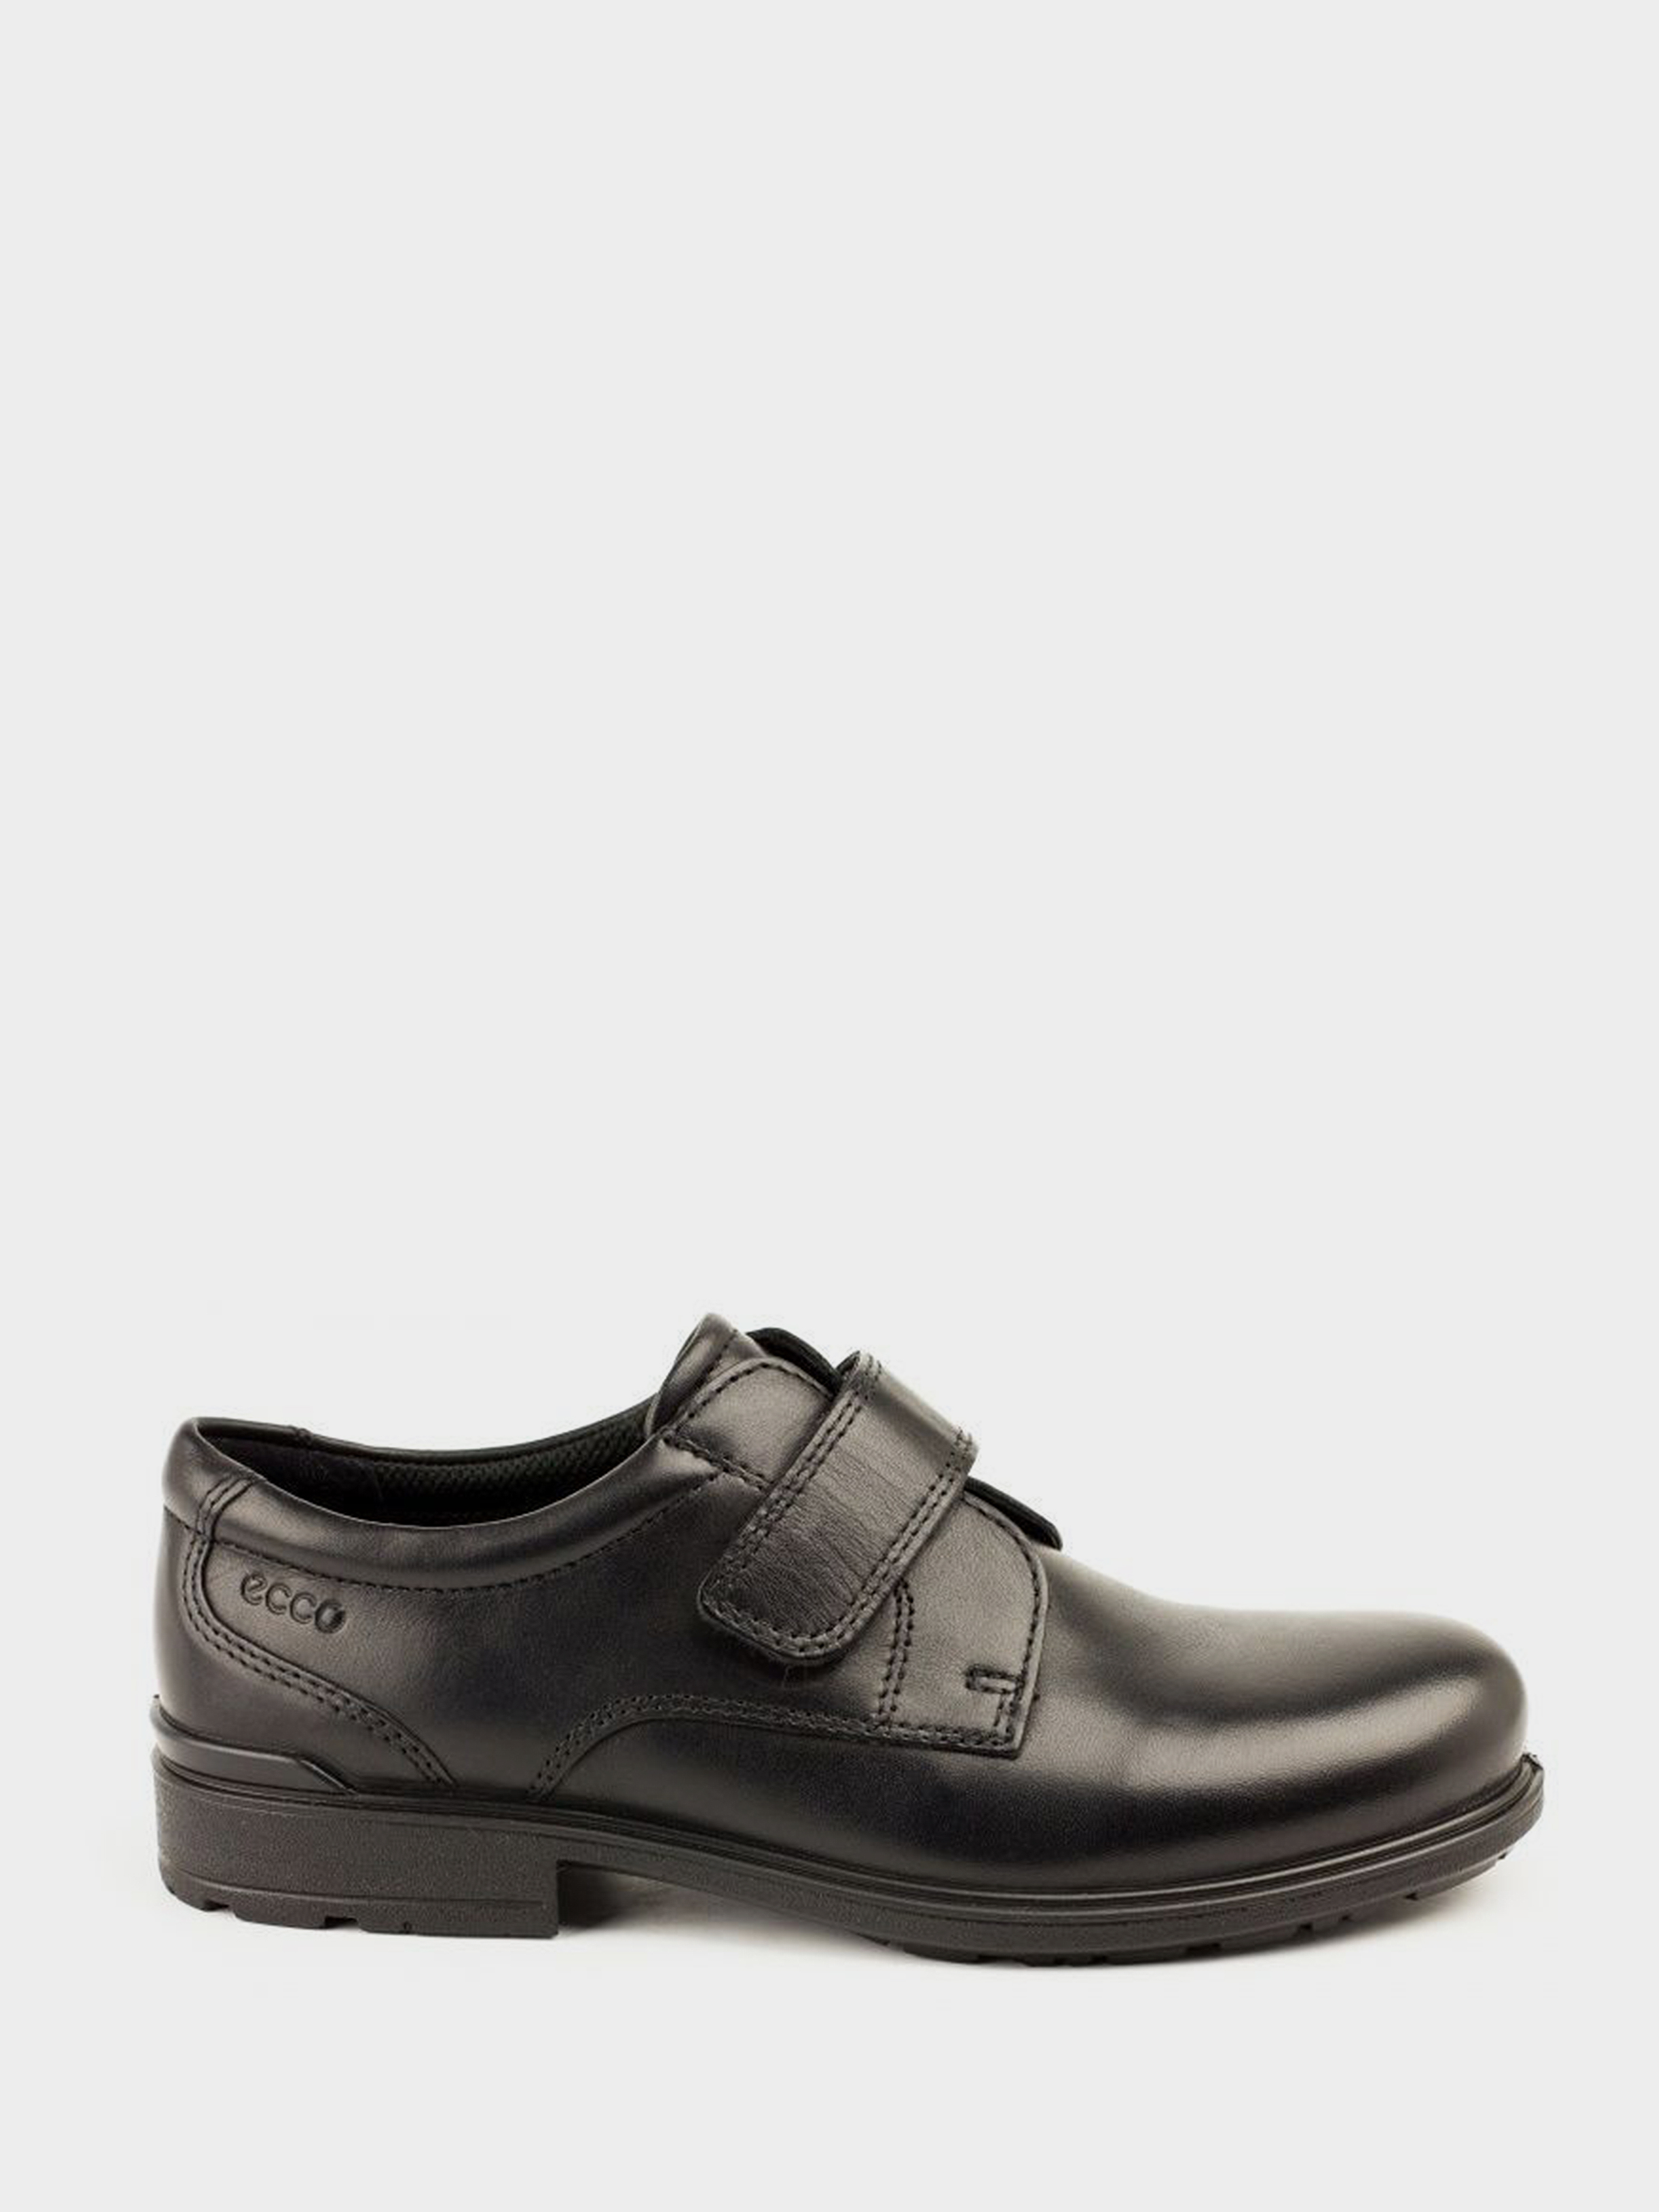 хлопчачі туфлі ecco cohen 730162(01001) шкіряні